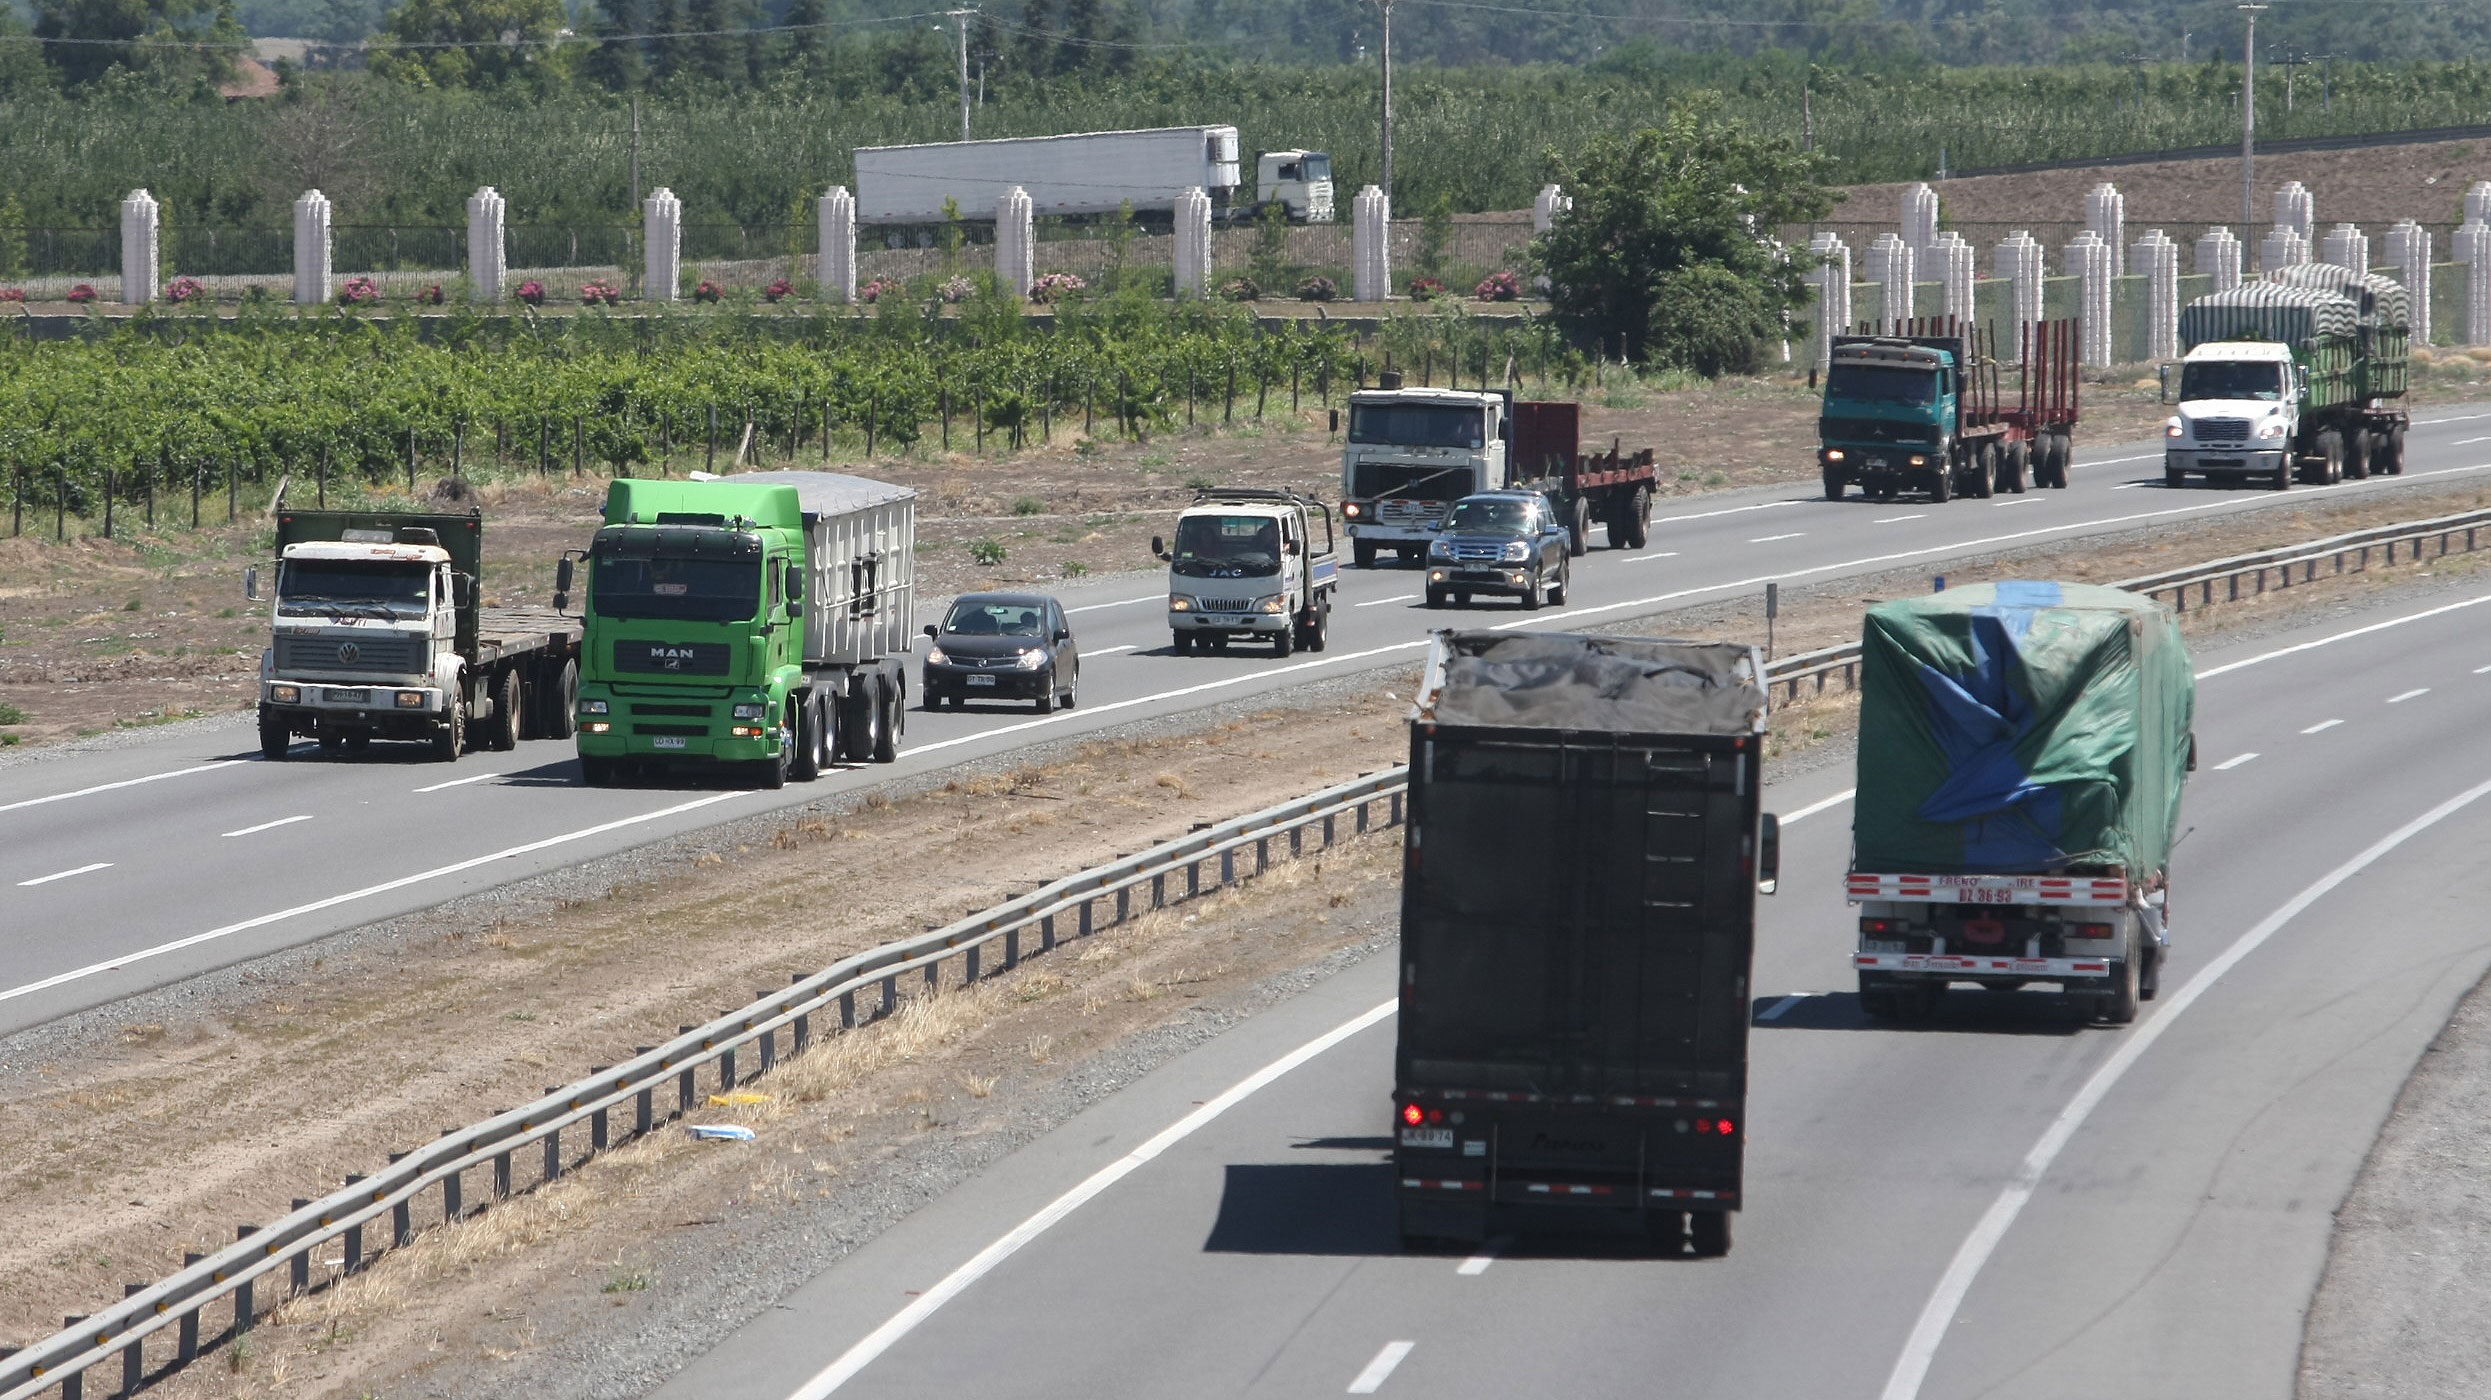 Camioneros anuncian alza de tarifas ante prolongada subida del petróleo